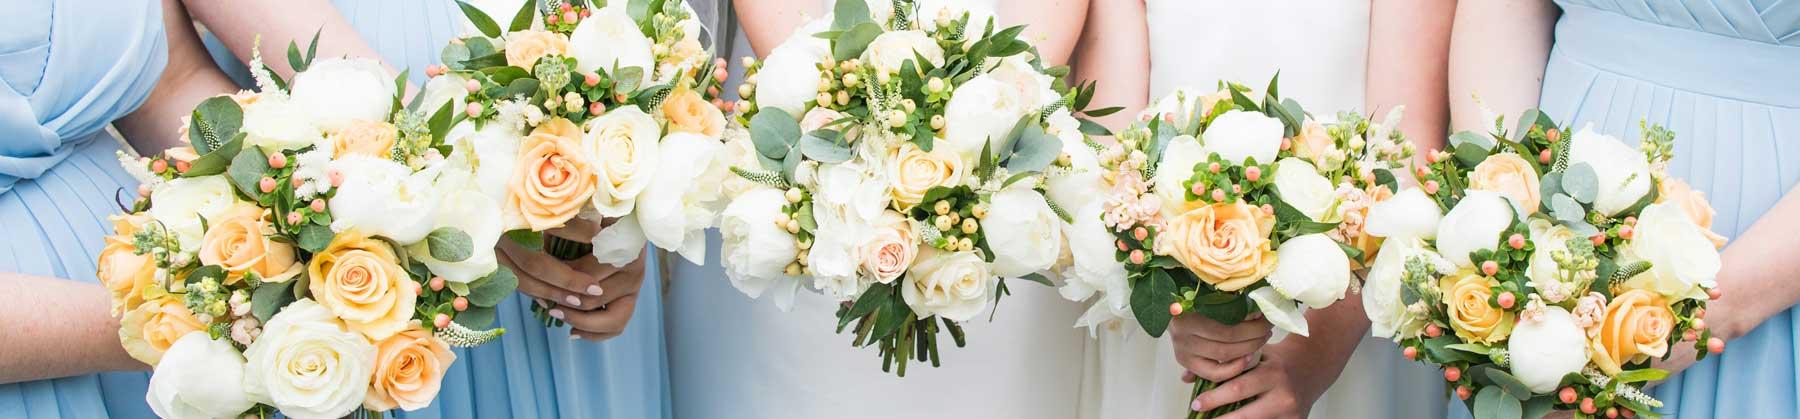 wedding bouquet's bath